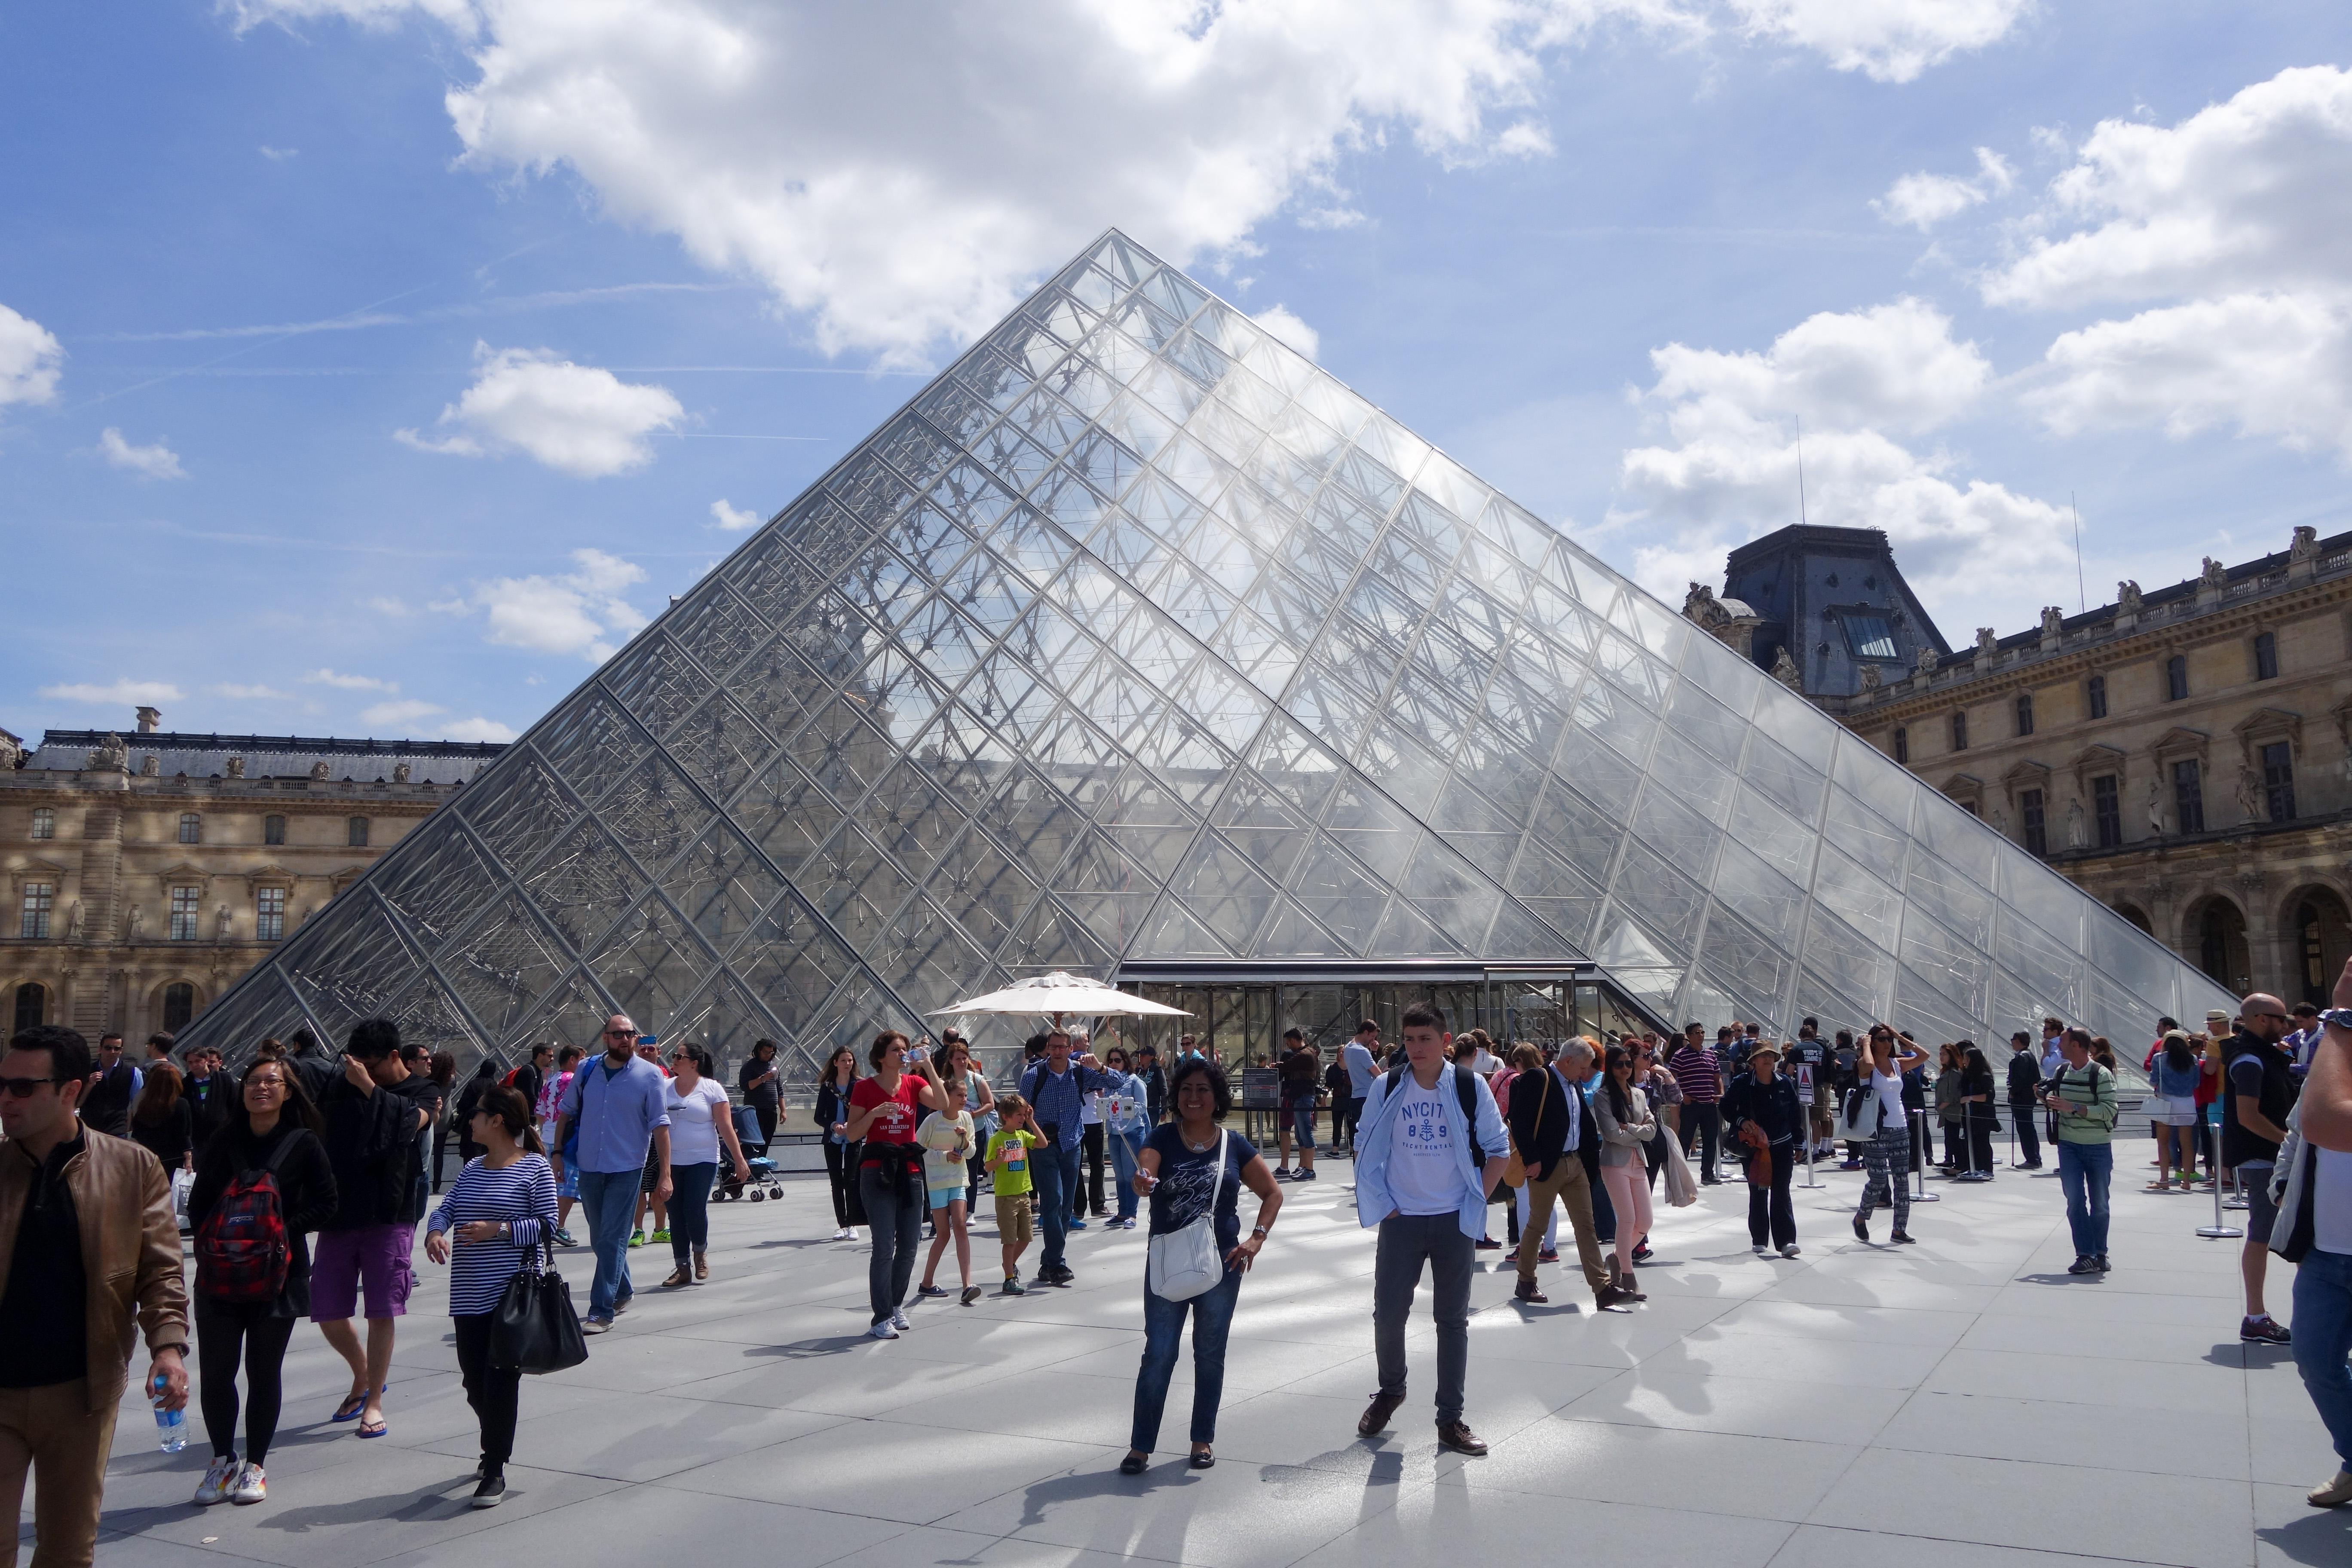 The Louvre - Da Vinci Code